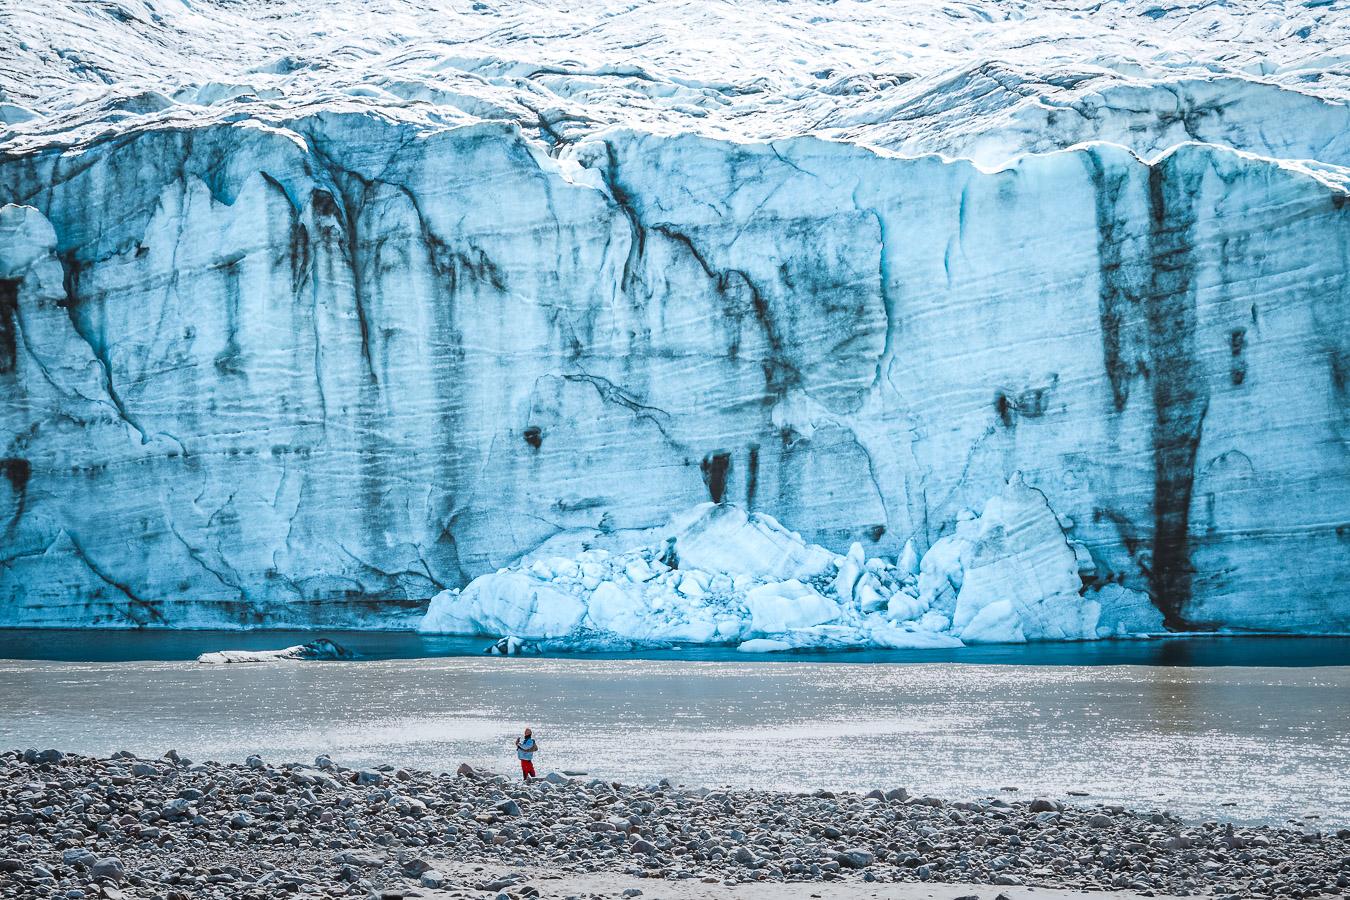 Russell Gletscher, Auslass des grönländischen Eispanzers, der eine maximale Dicke von of 3000 m aufweist. Kangerlussuaq, Westgrönland